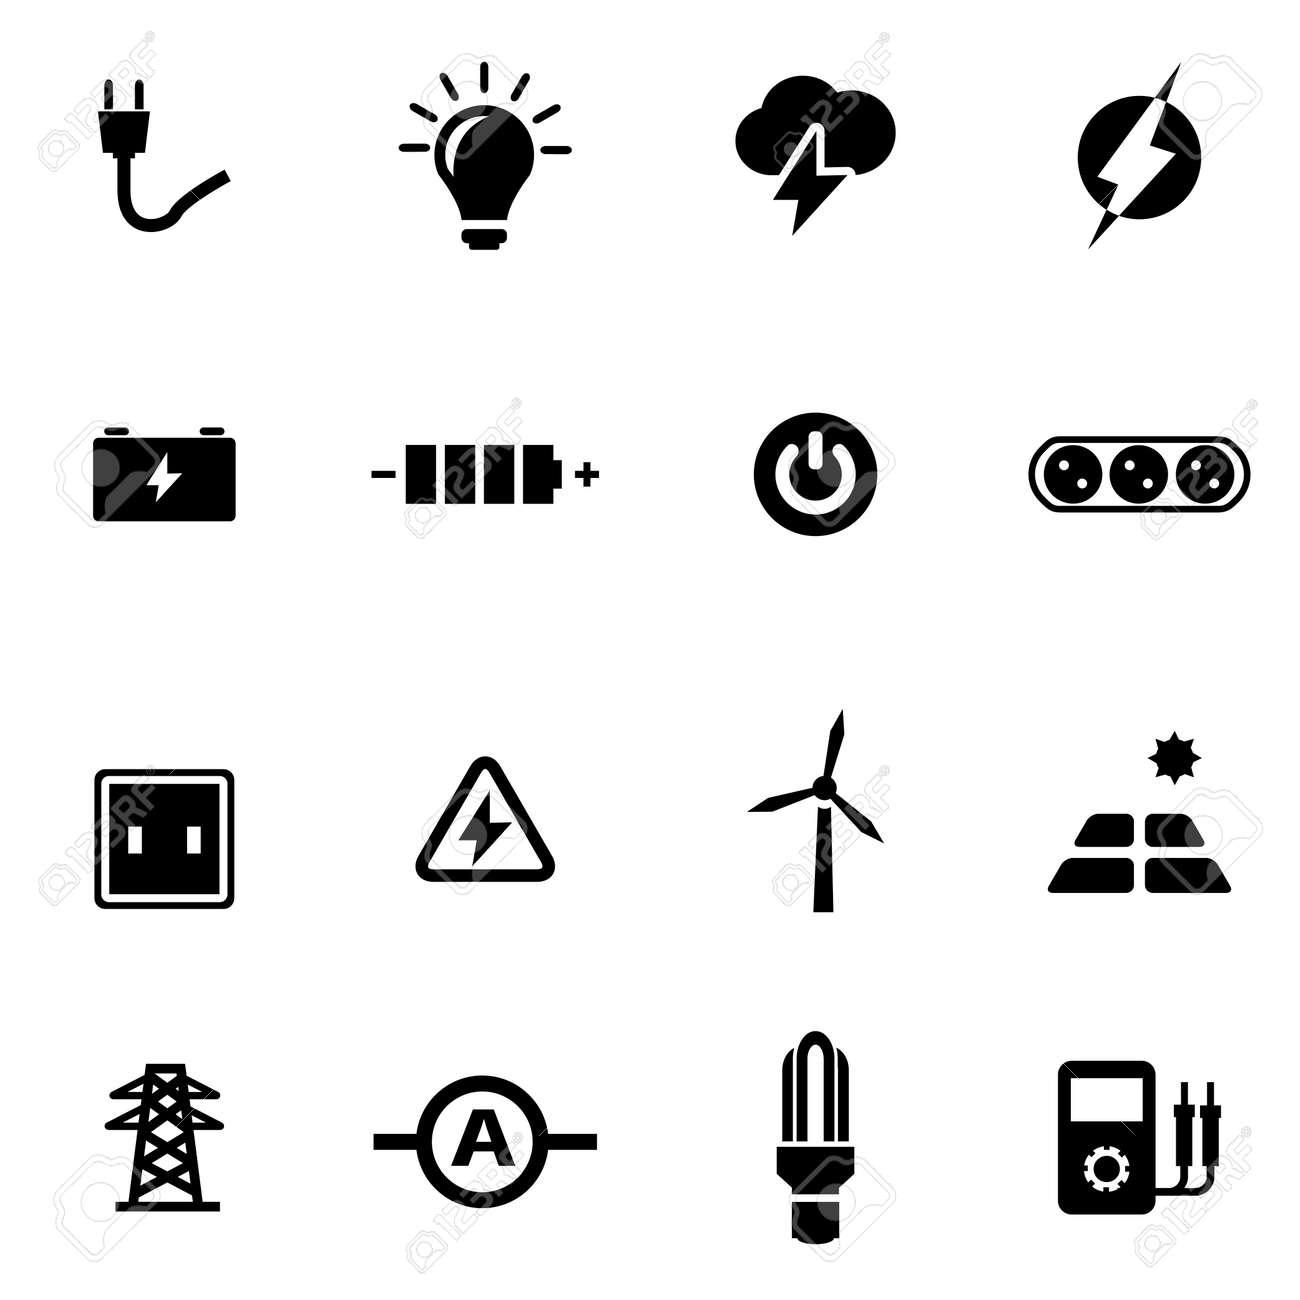 Schwarz Strom Symbol Auf Weißem Hintergrund Eingestellt Lizenzfrei ...